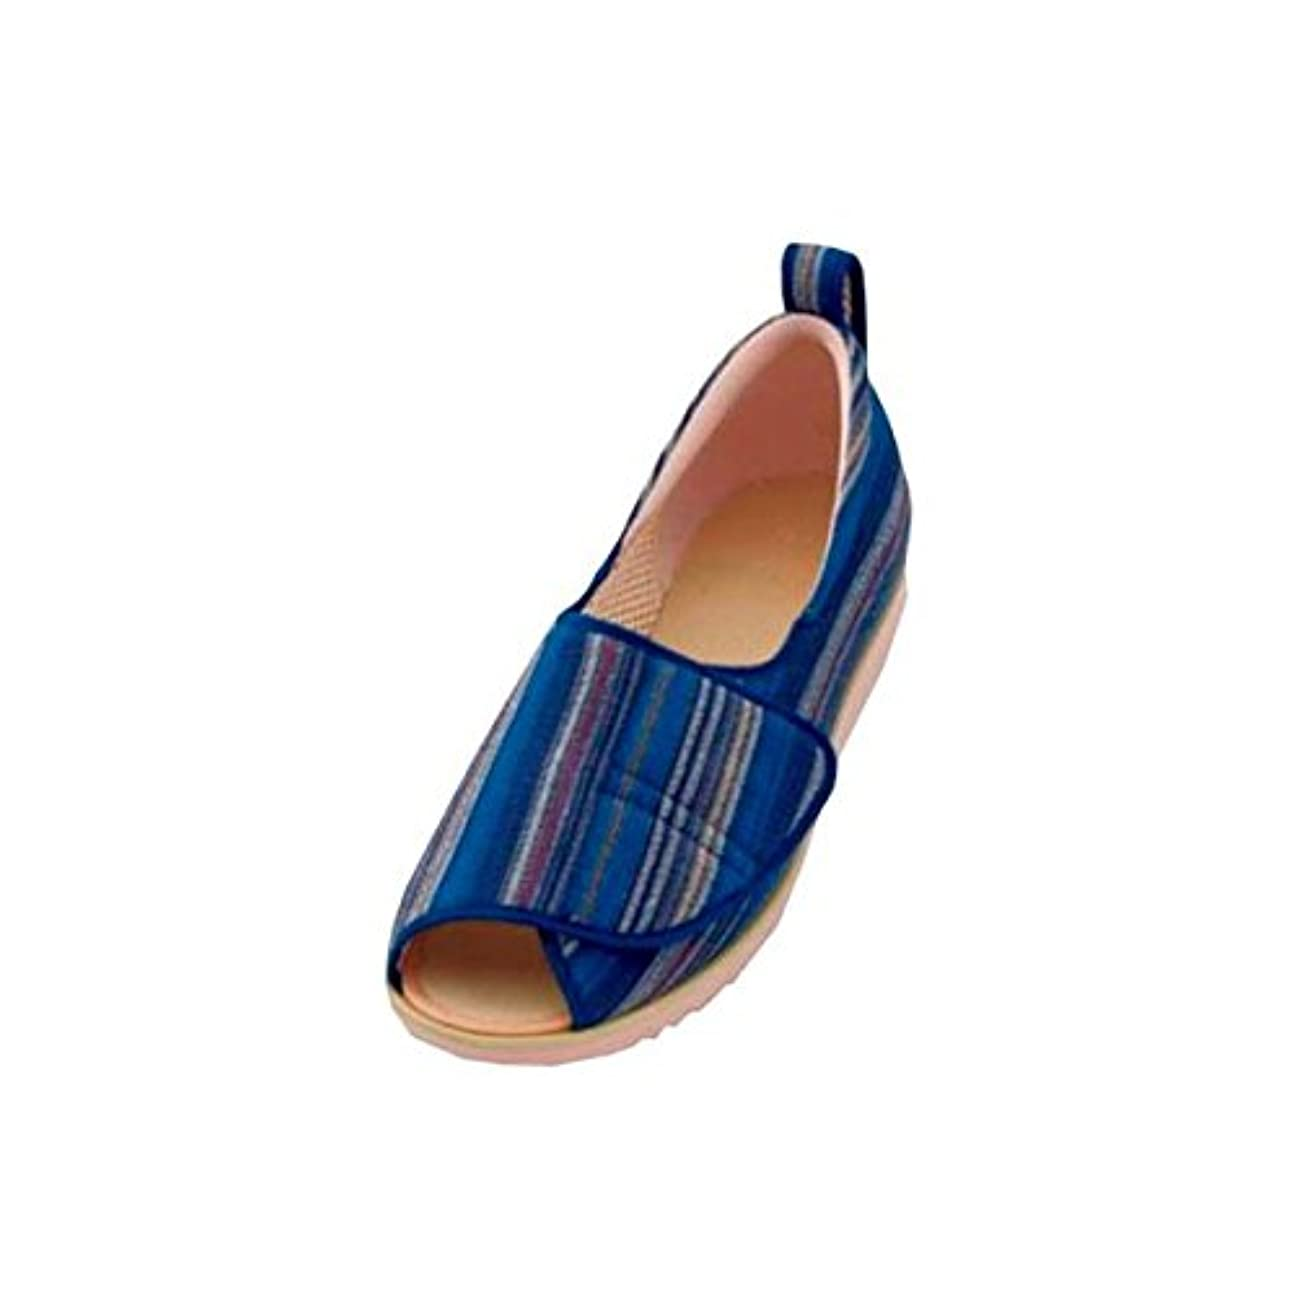 鉱石組立ブルゴーニュ介護靴 施設?院内用 オープン和(なごみ) 1026 片足 徳武産業 あゆみシリーズ /LL (24.0~24.5cm) 青(縞) 左足 ds-1433094